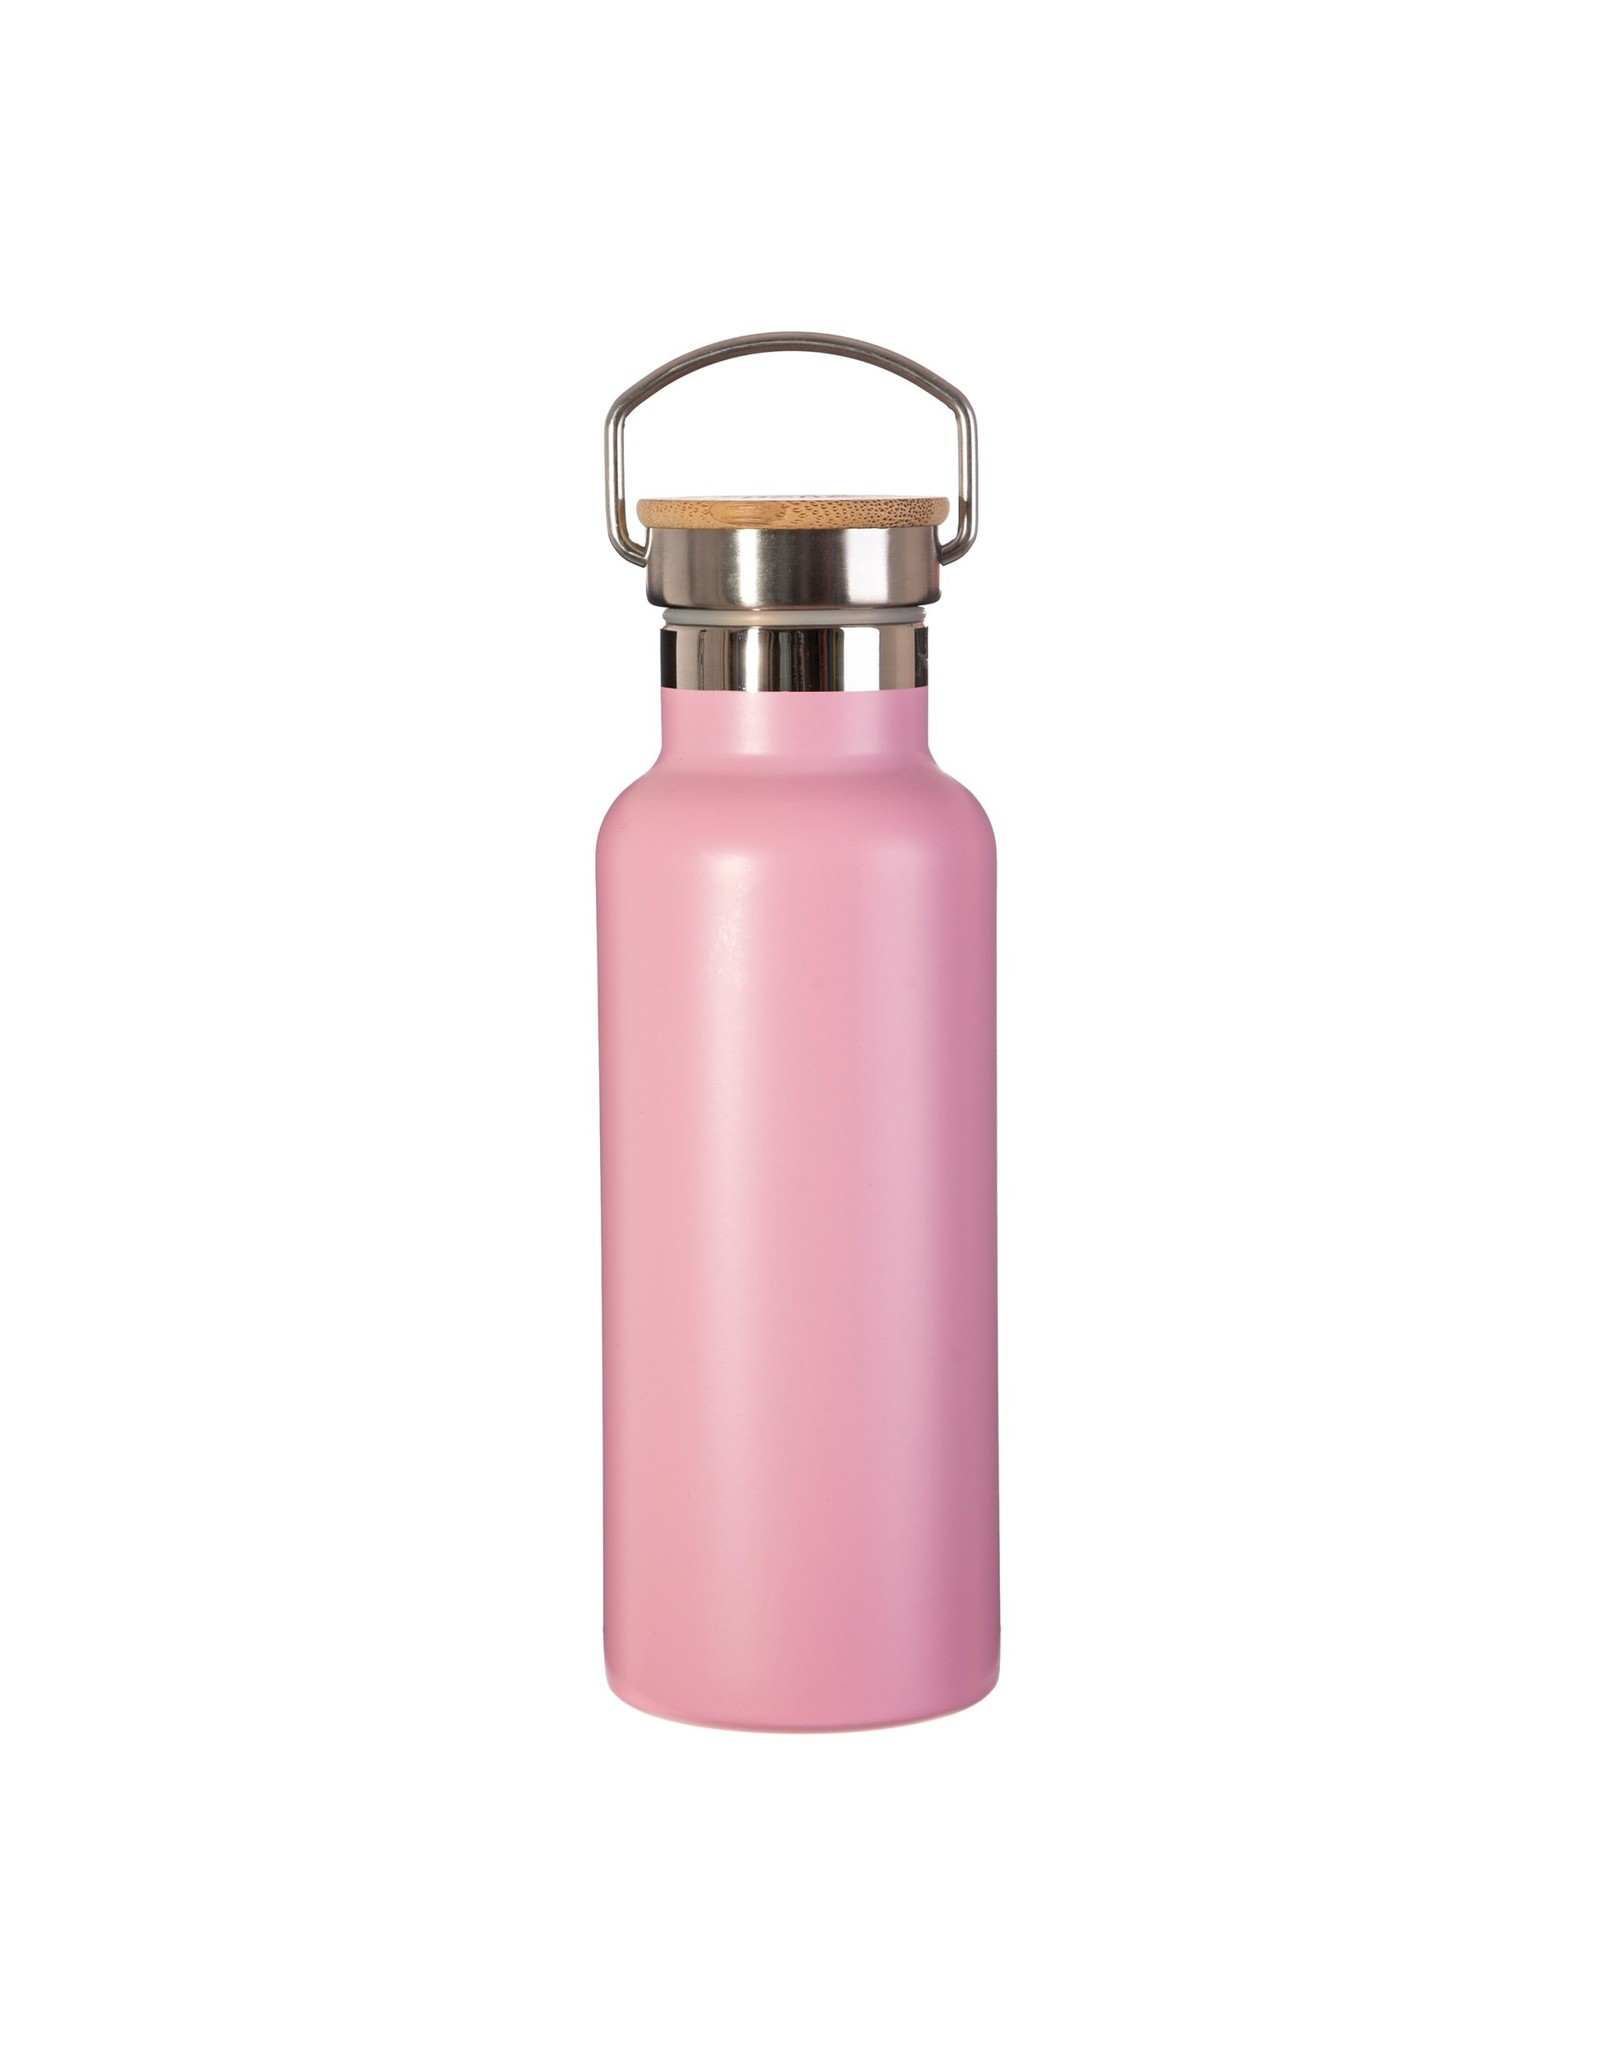 Dubbelwandige RVS drinkfles met bamboe deksel roze